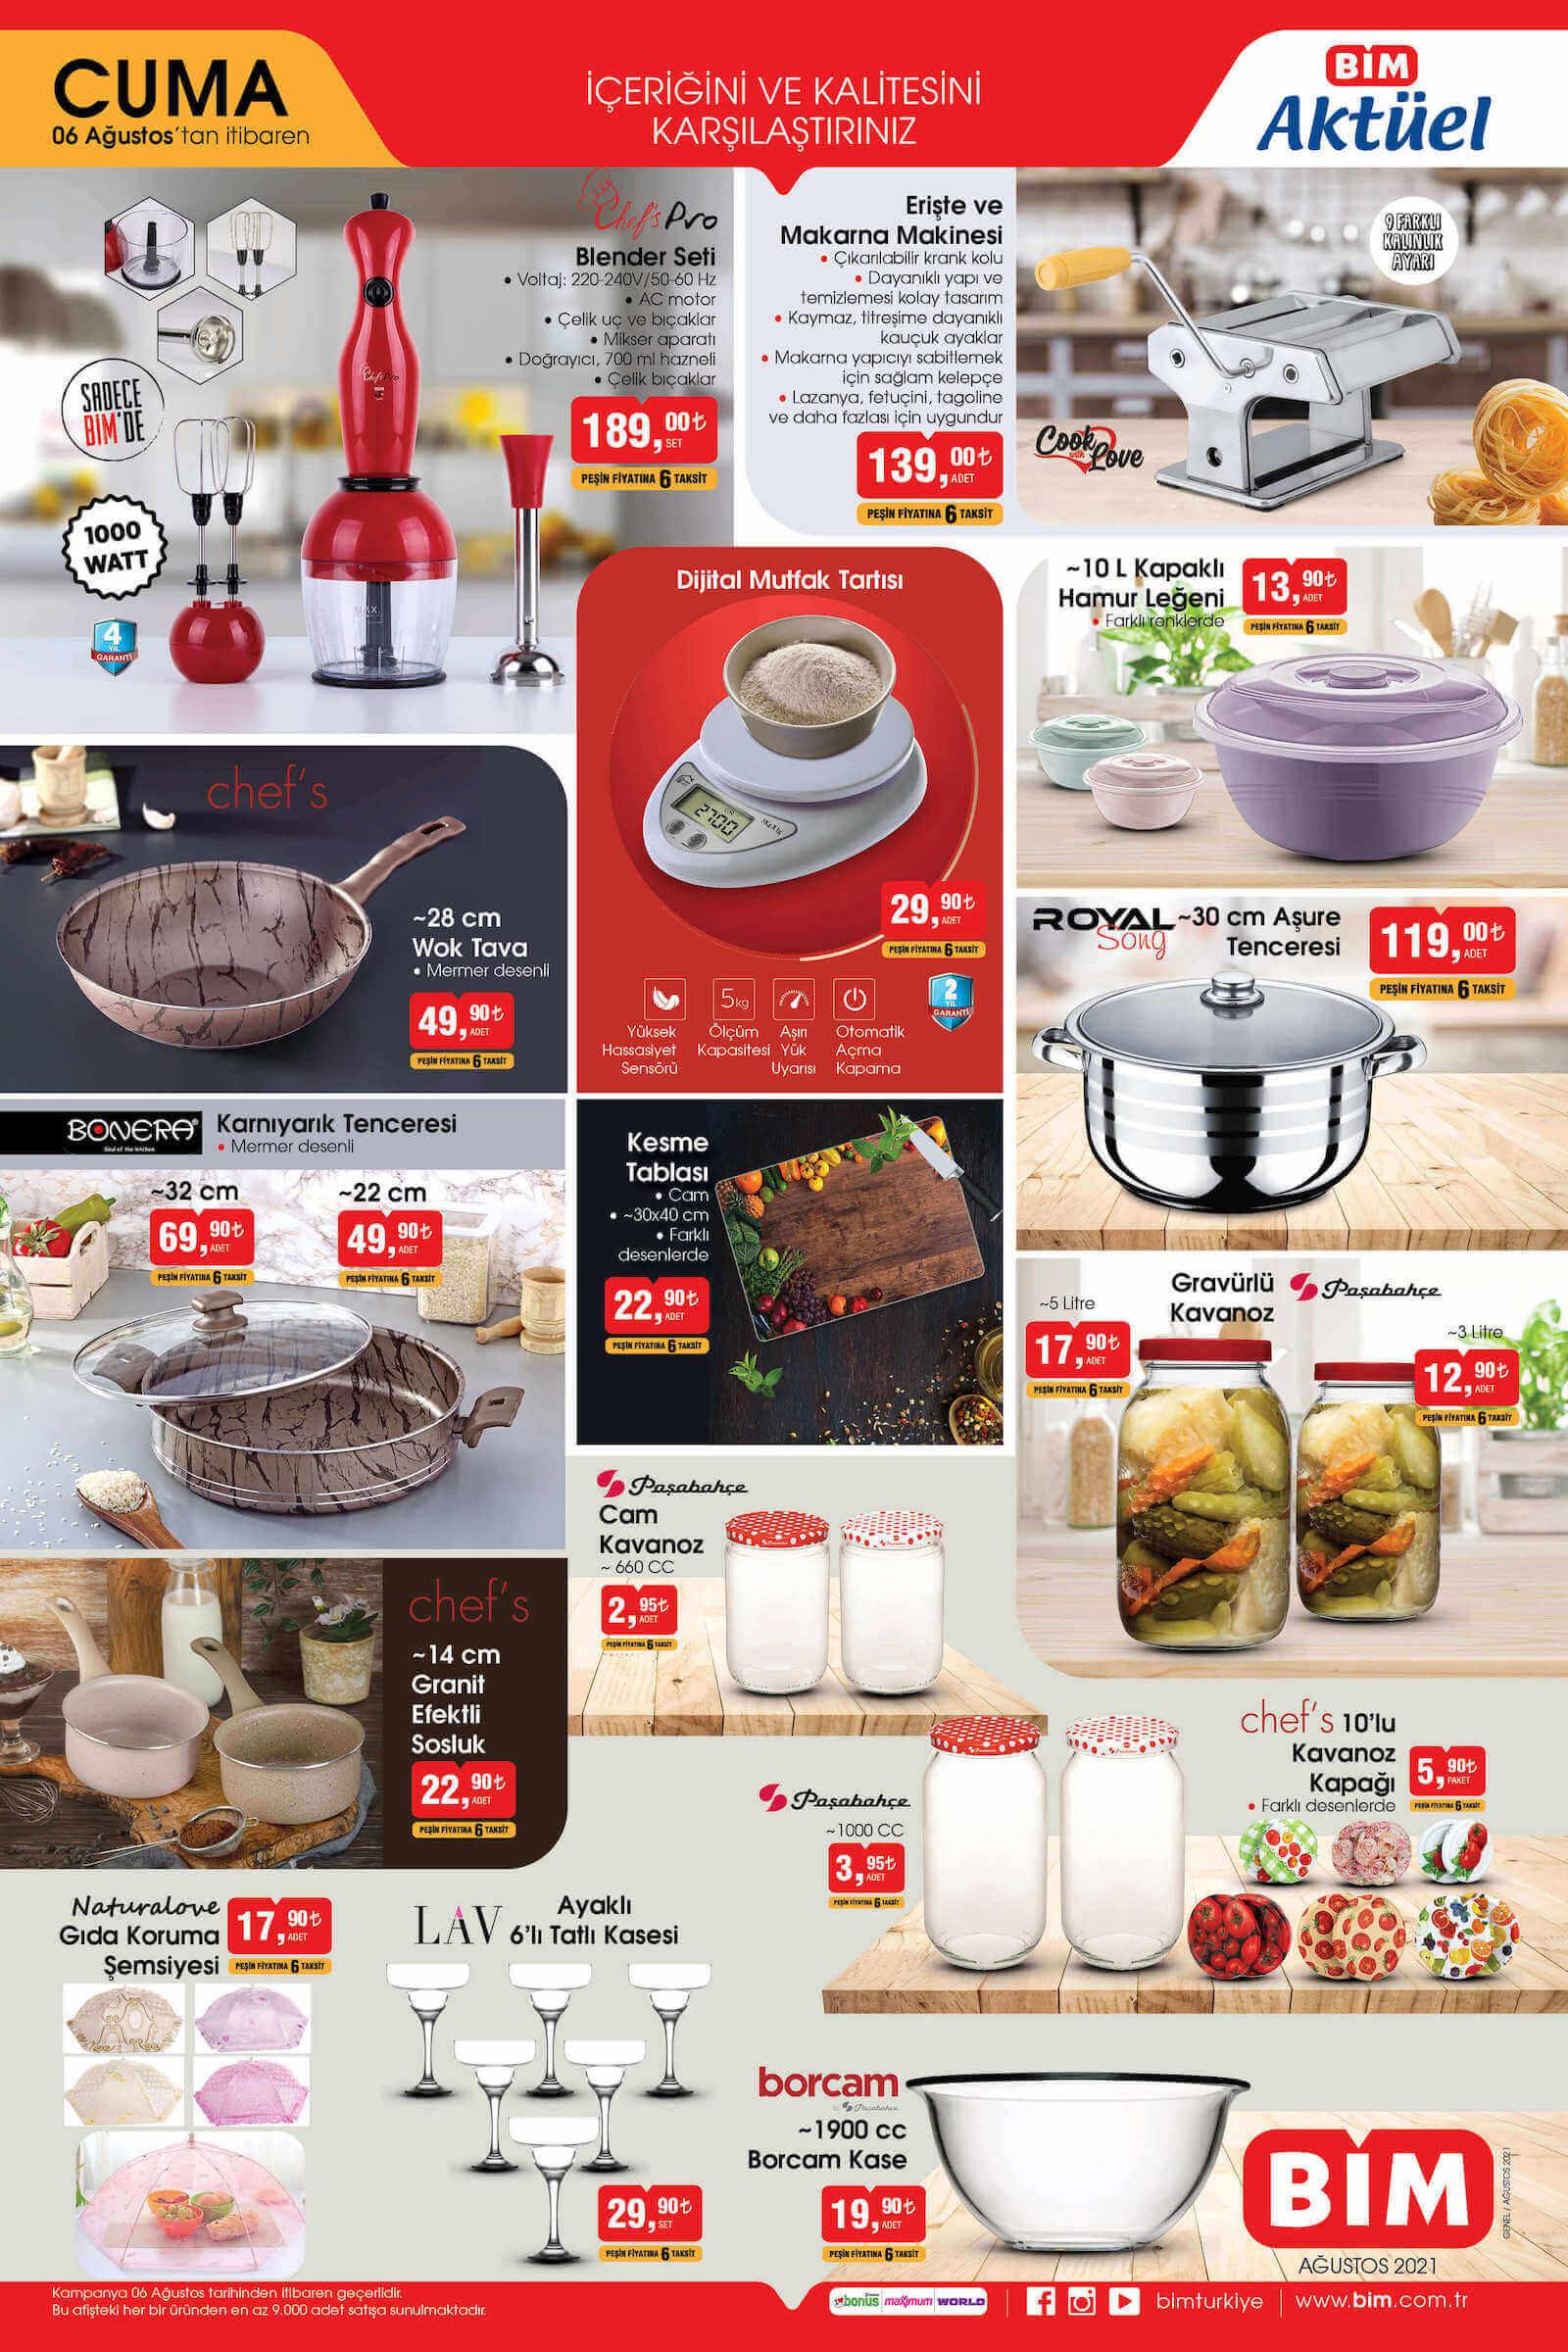 BİM aktüel ürünler kataloğu 6 ağustos mutfak